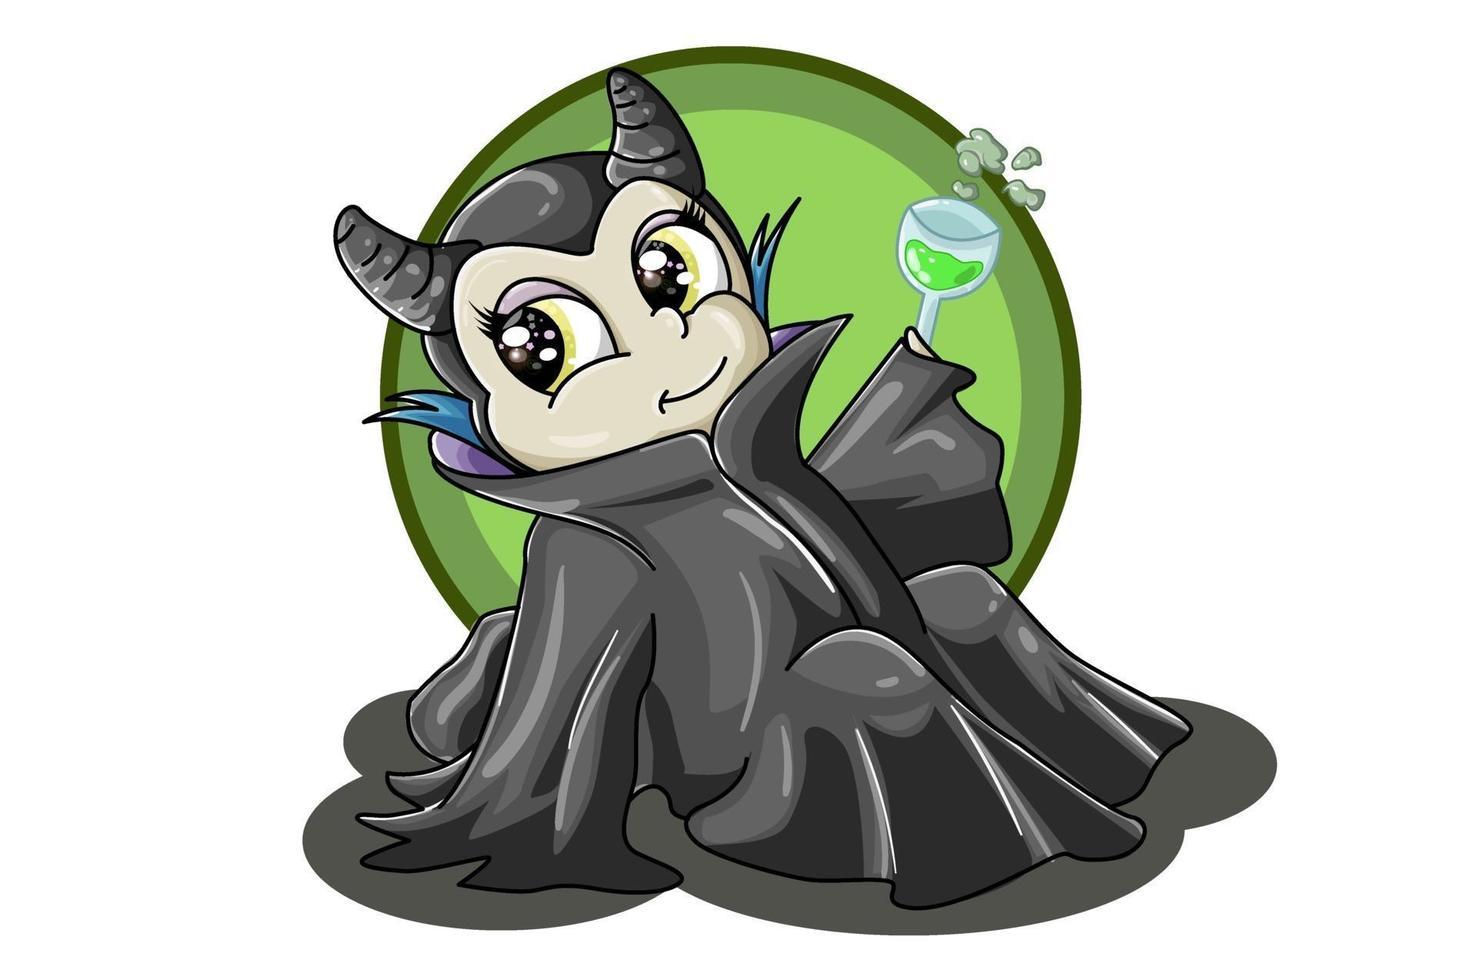 a ilustração de um mágico vestindo uma túnica preta e carregando um copo de ervas verdes vetor